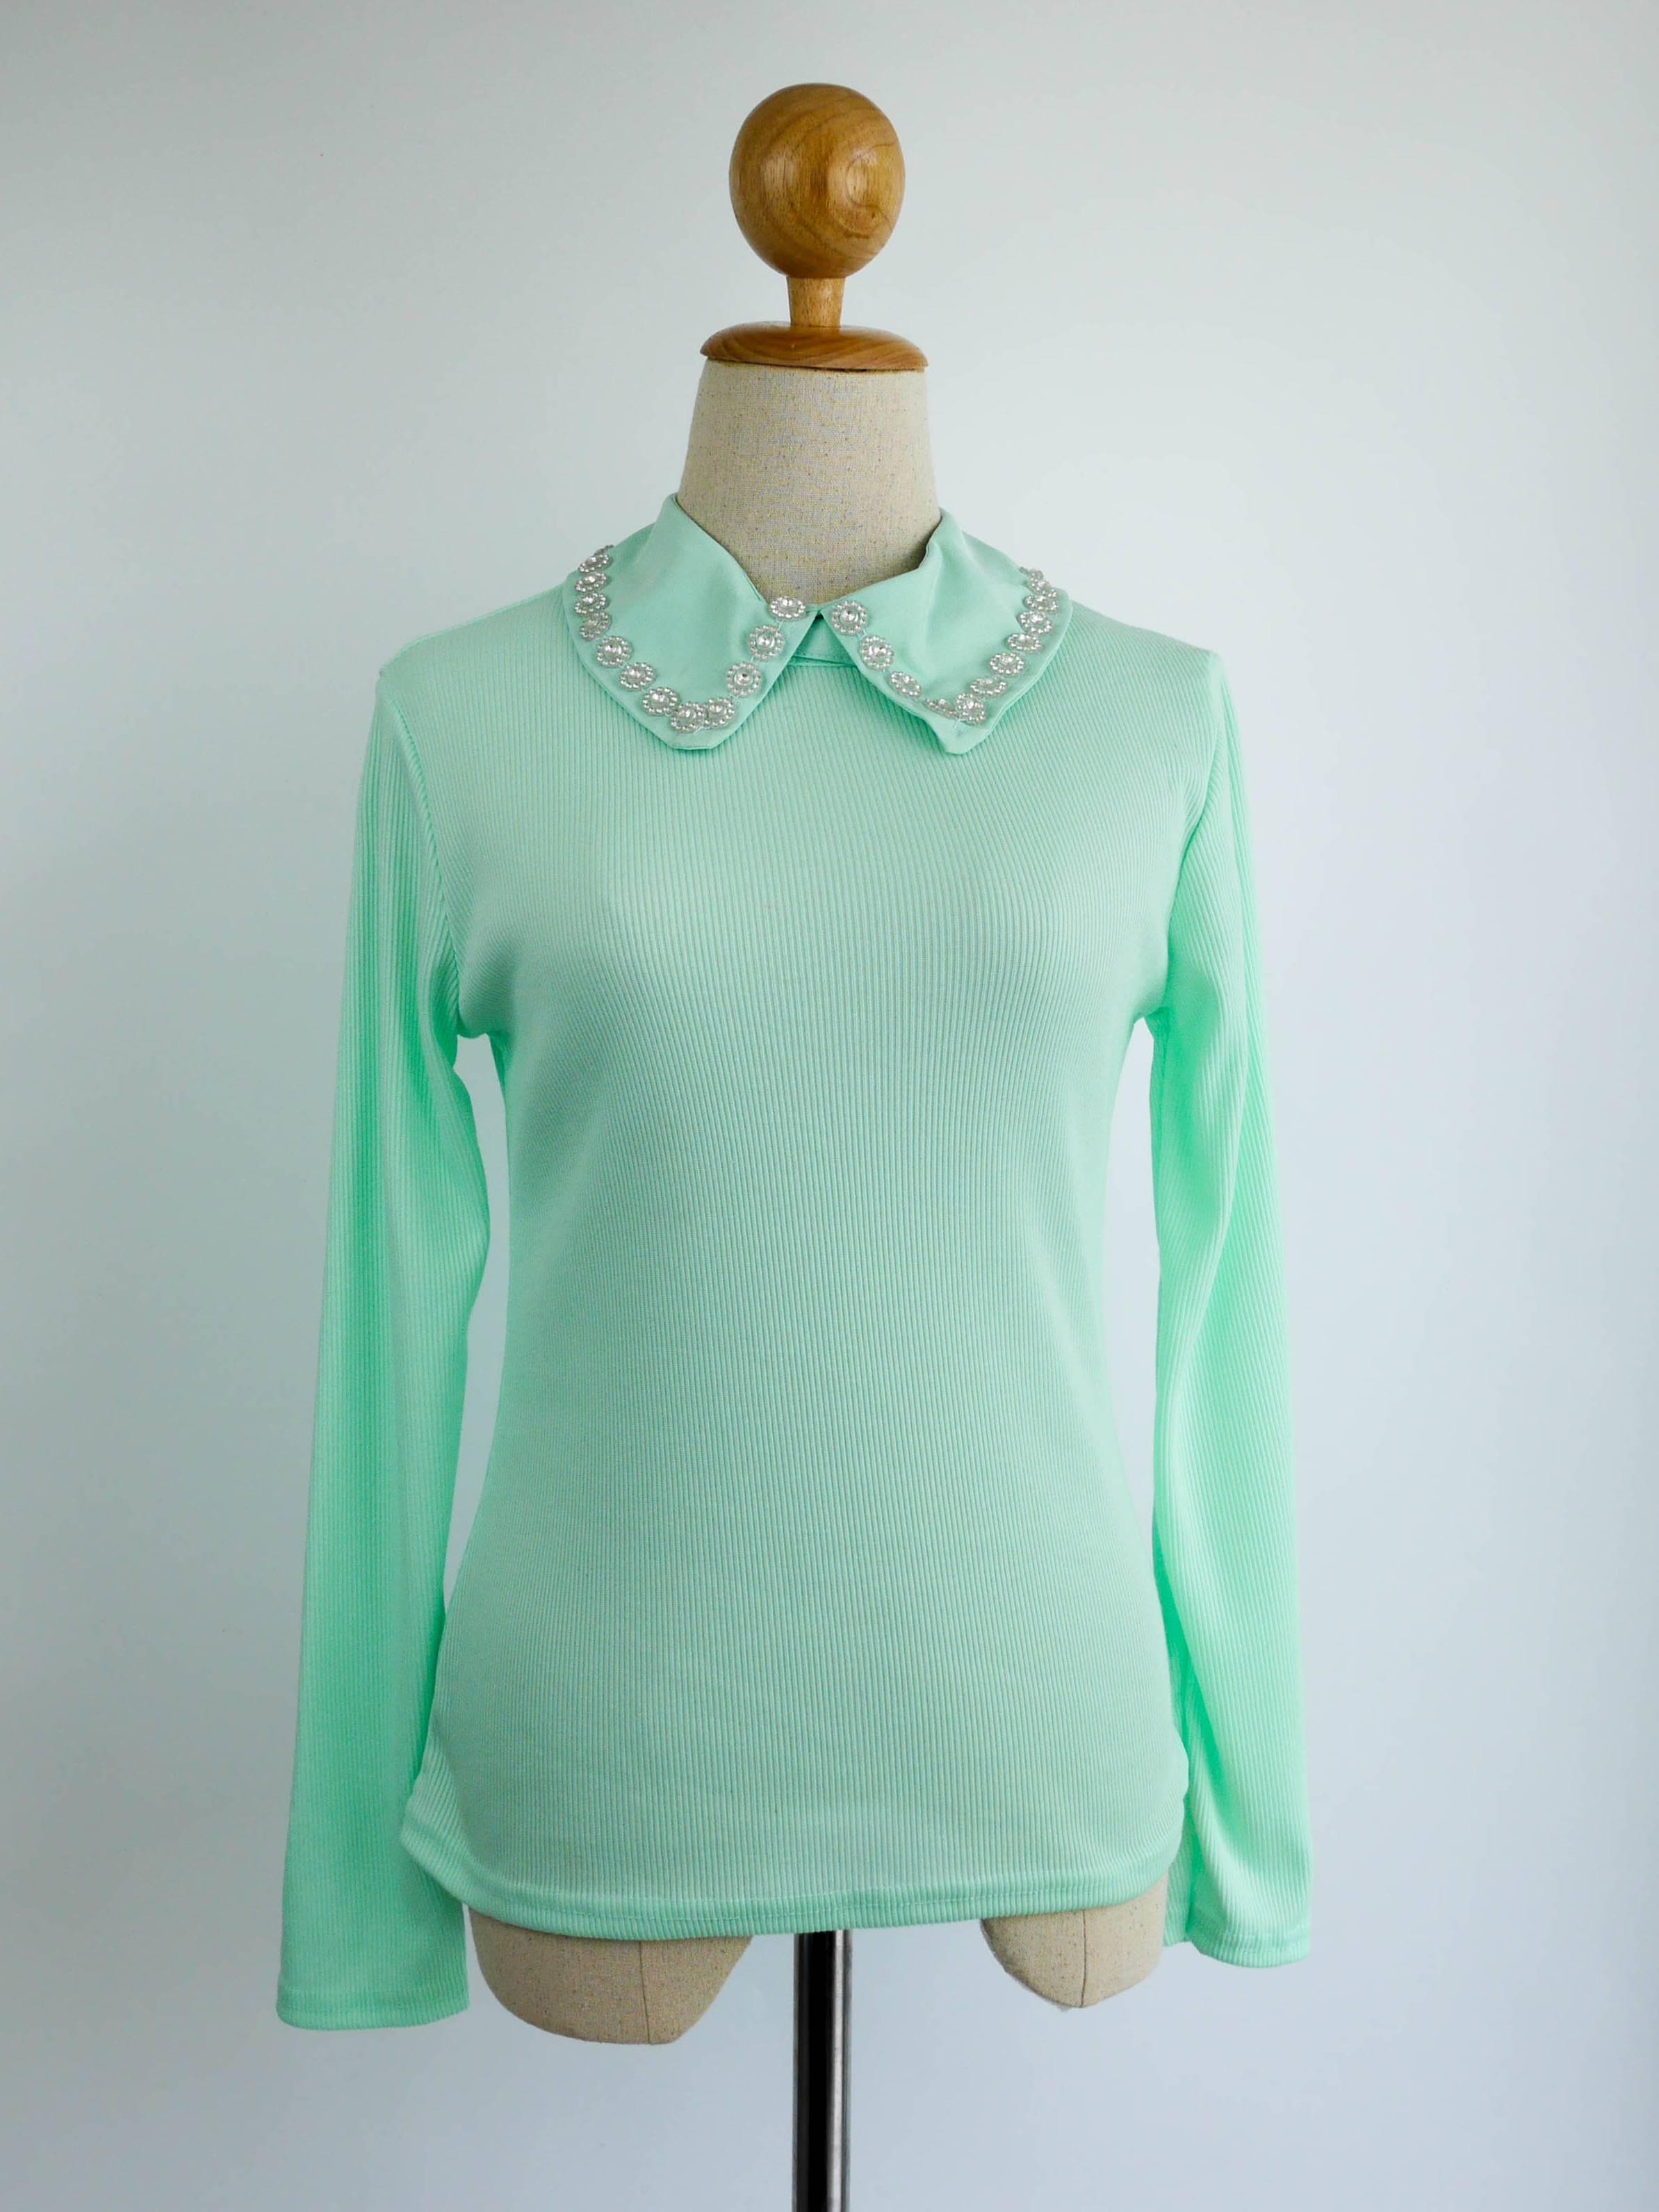 เสื้อแฟชั่น แขนยาว คอปกเชิ๊ต(ถอดได้) สีเขียว